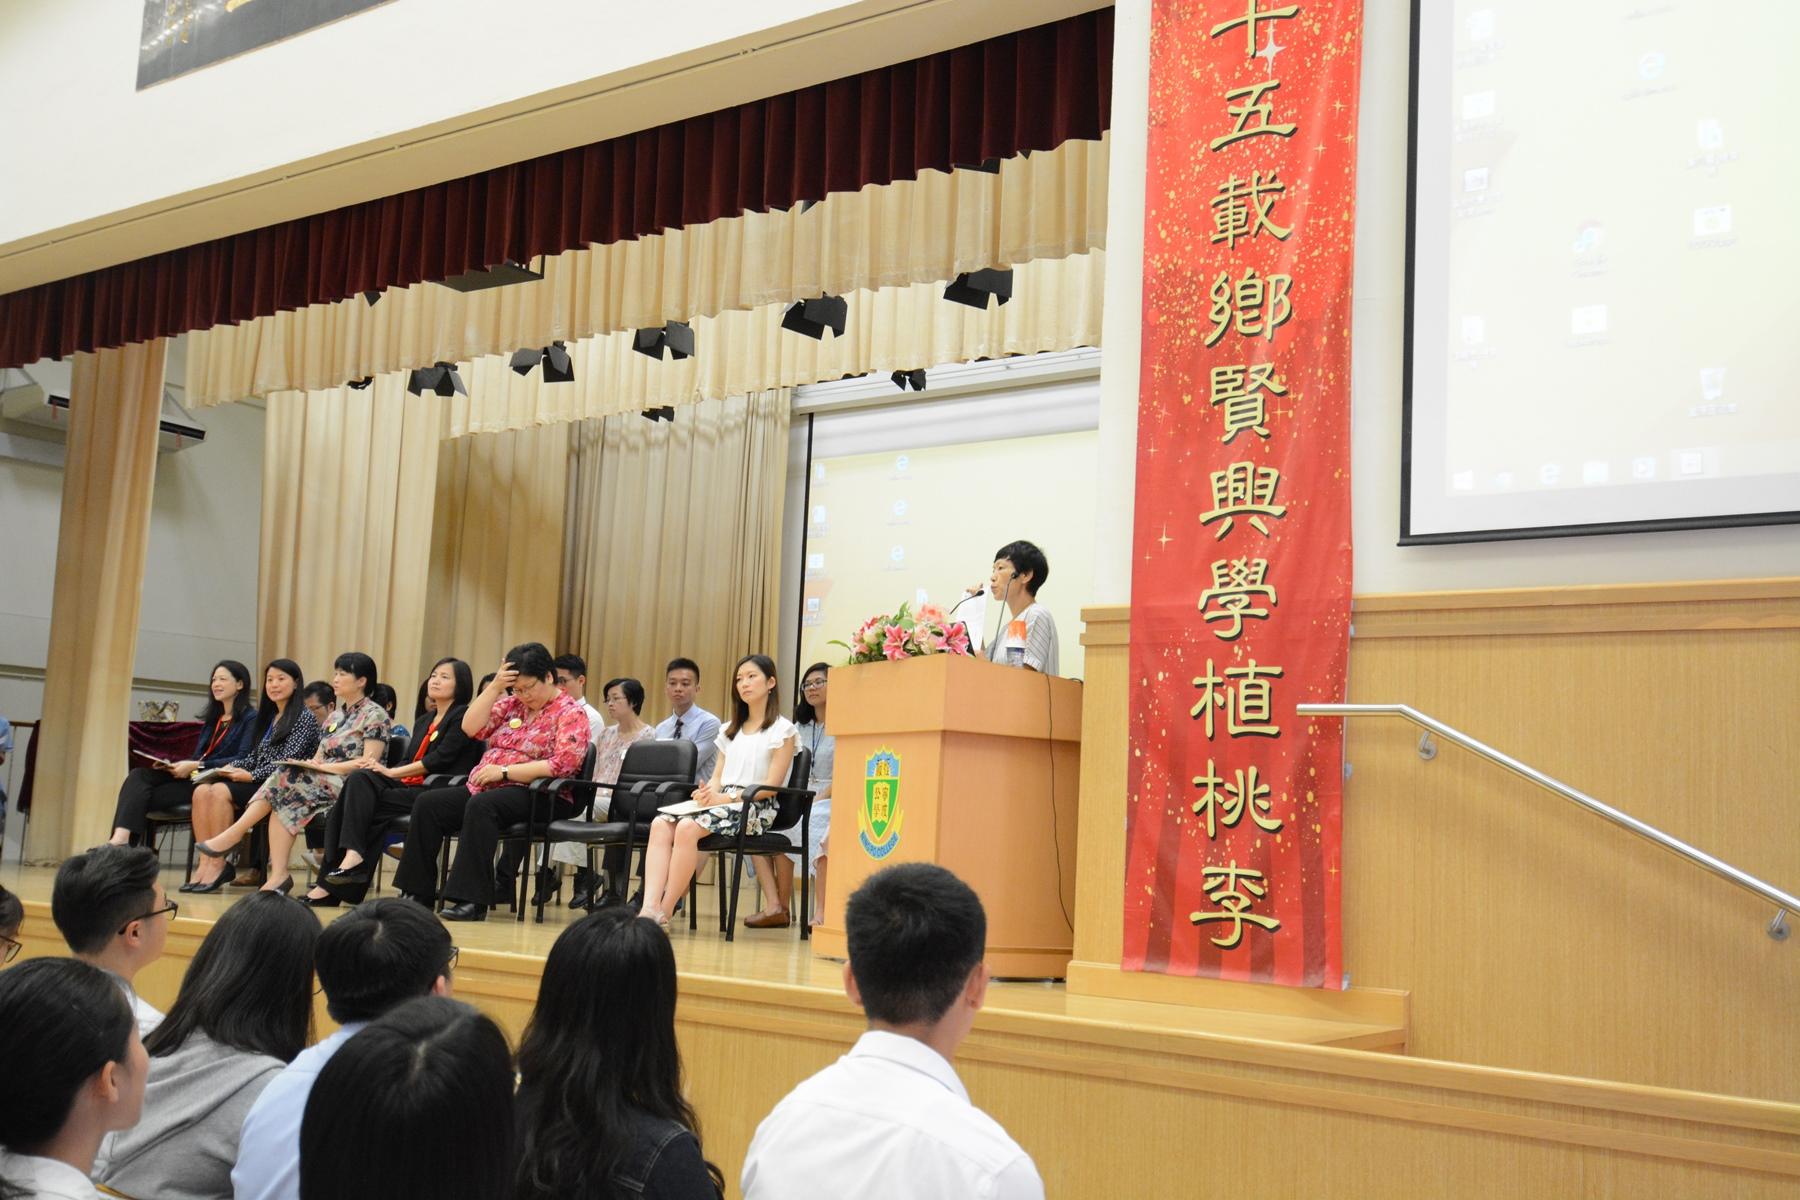 https://www.npc.edu.hk/sites/default/files/dsc_2851.jpg